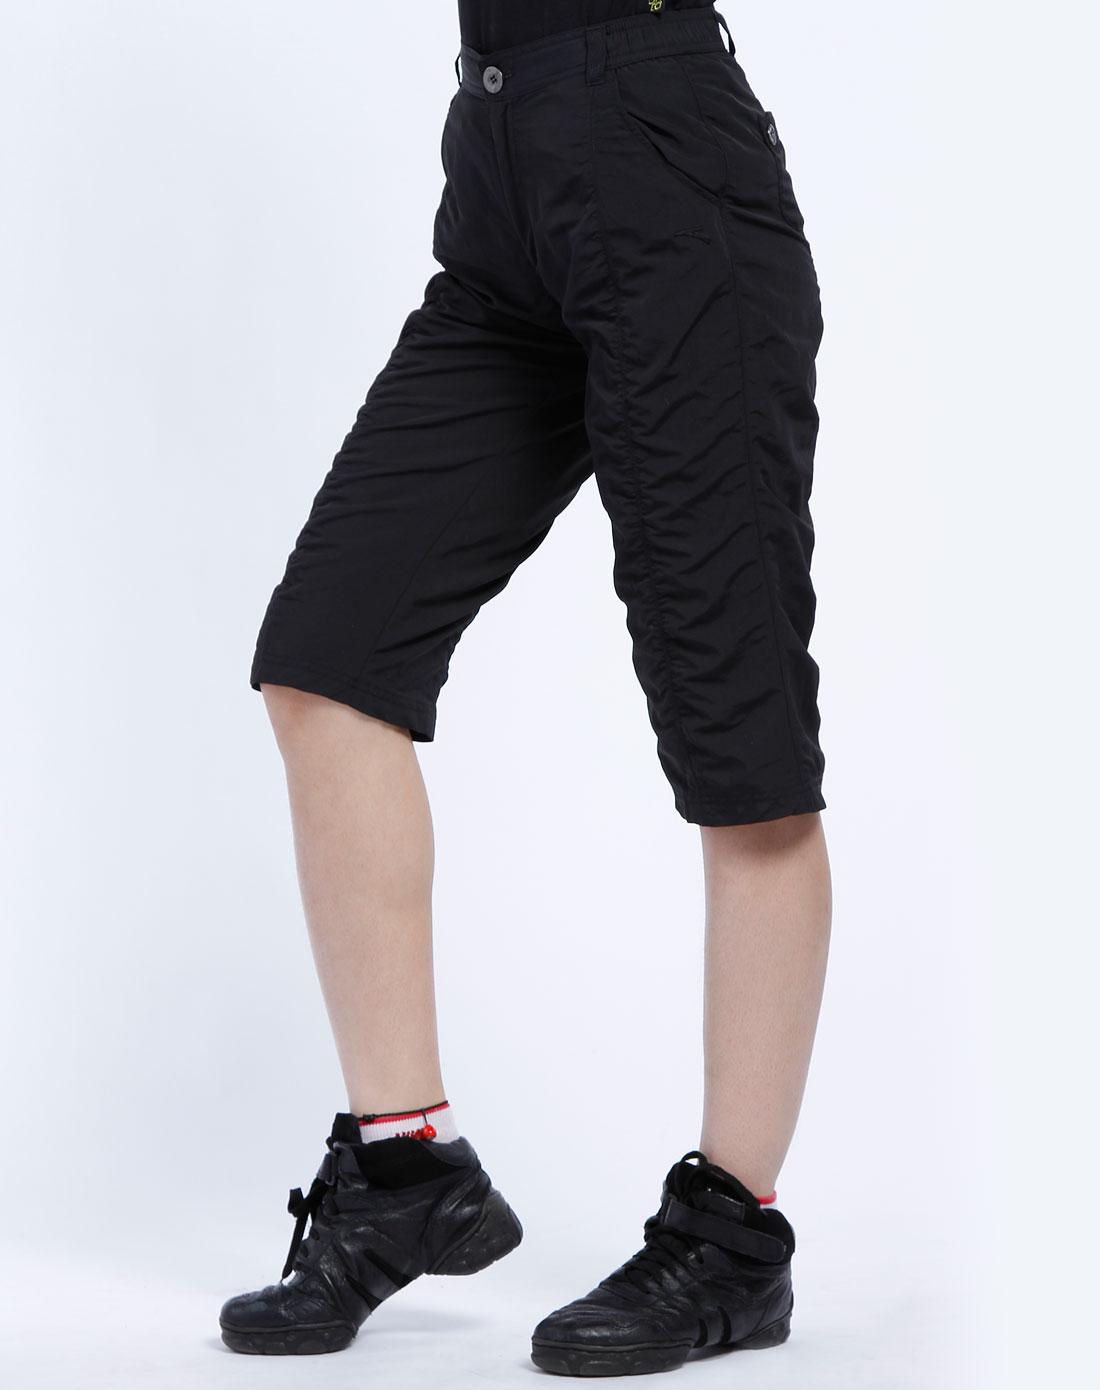 安踏anta女装专场-女款黑色休闲七分裤